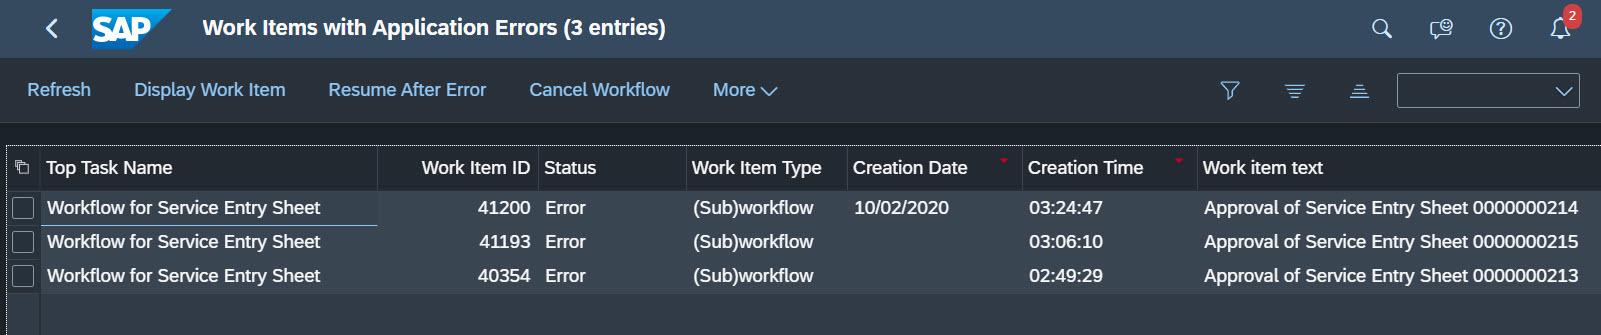 2020-10-05_20-50-59_workflow_error_2.jpg